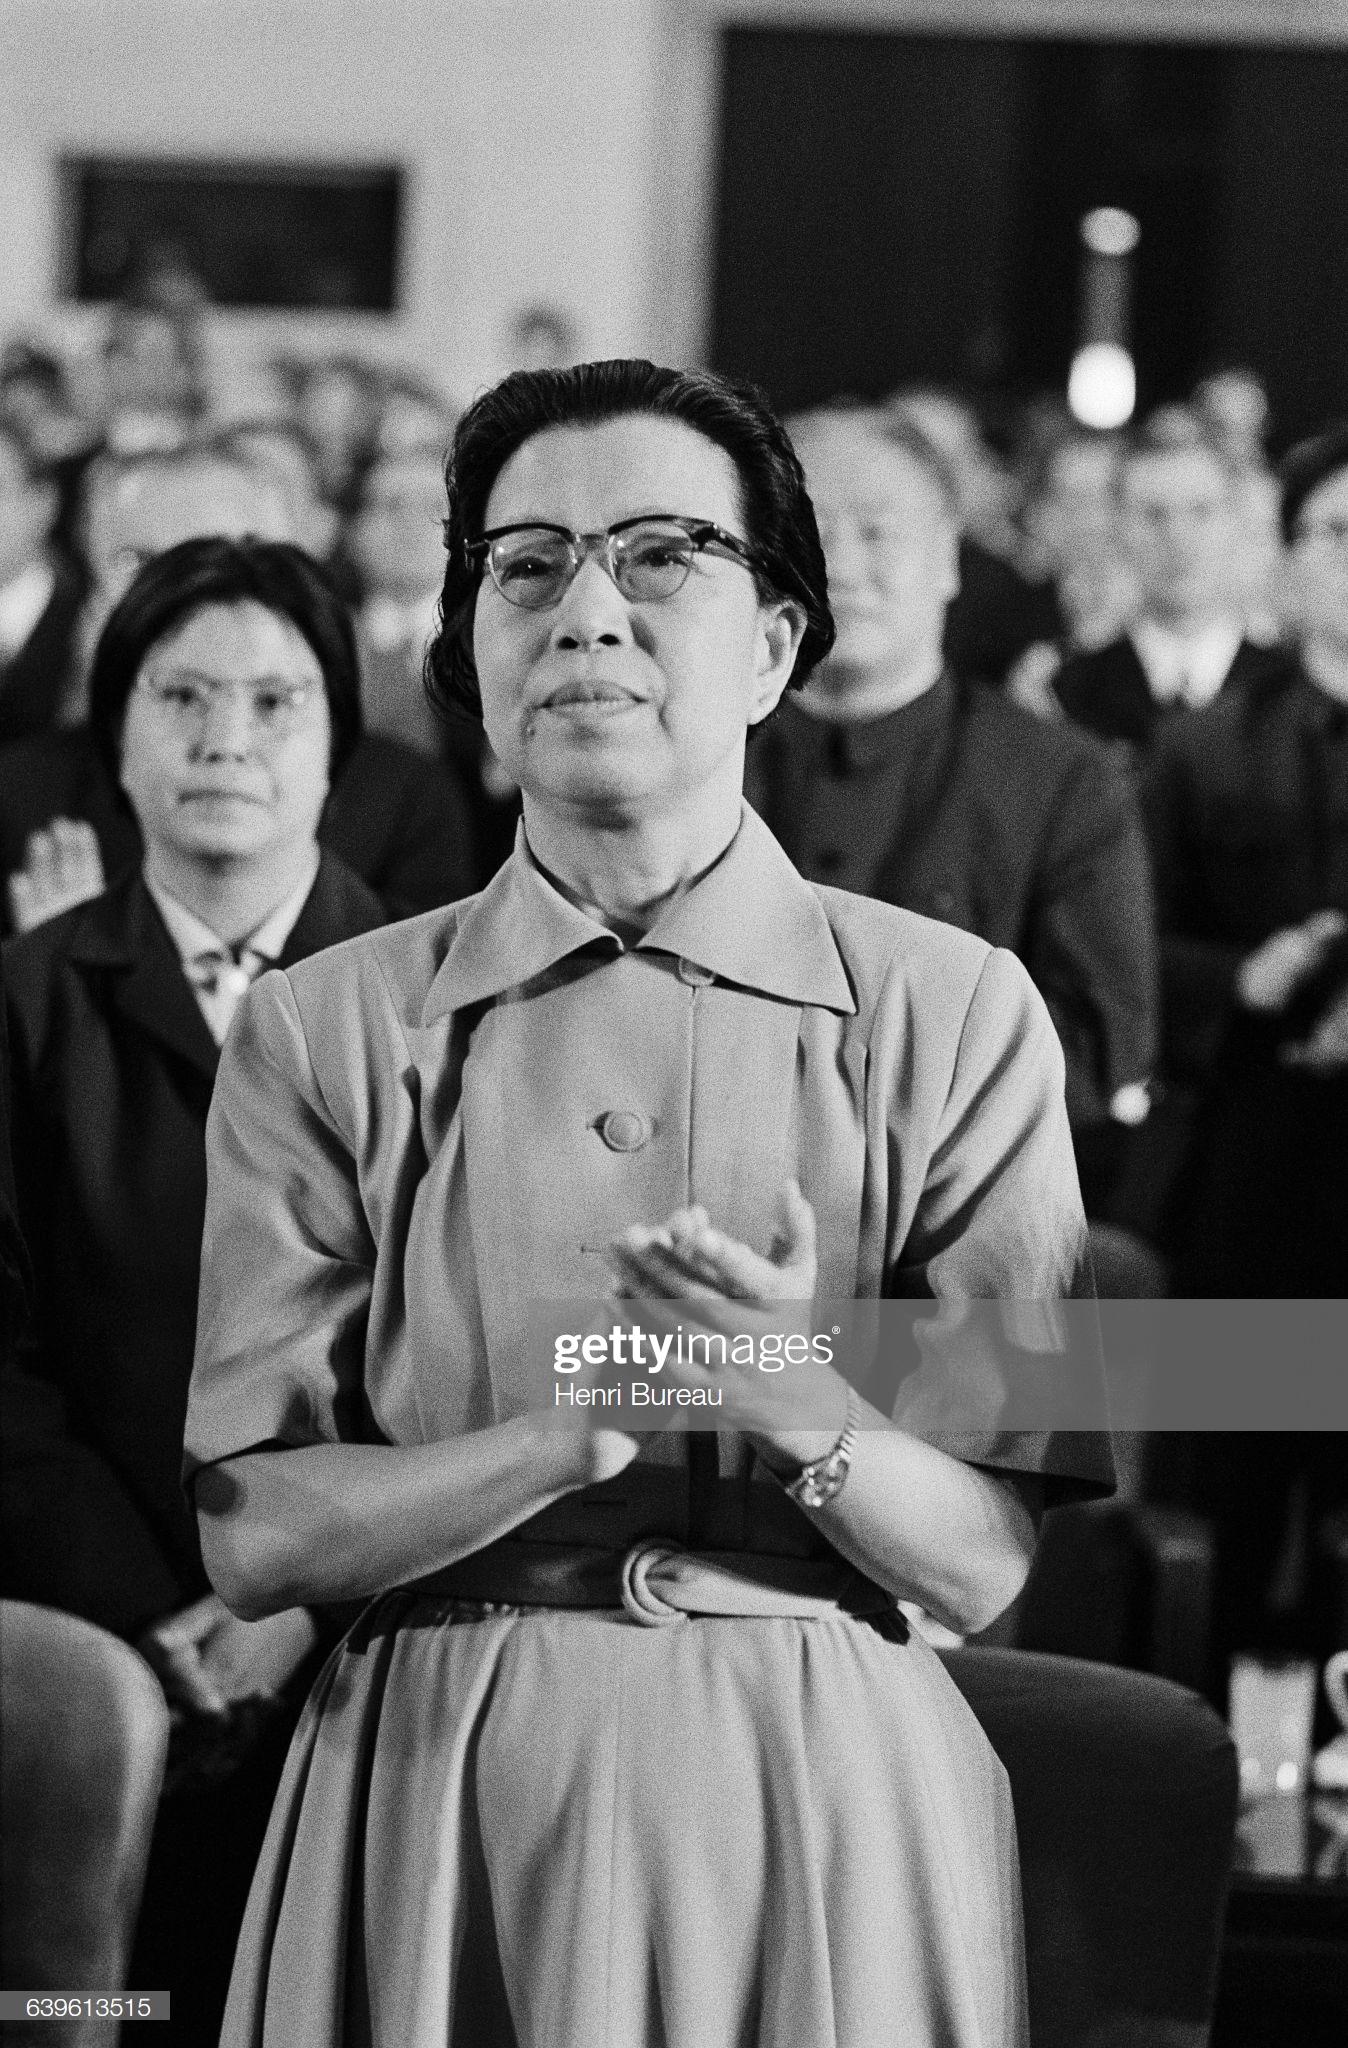 Китайский политик Цзян Цин, жена президента Мао Цзэдуна: Фото из новостей